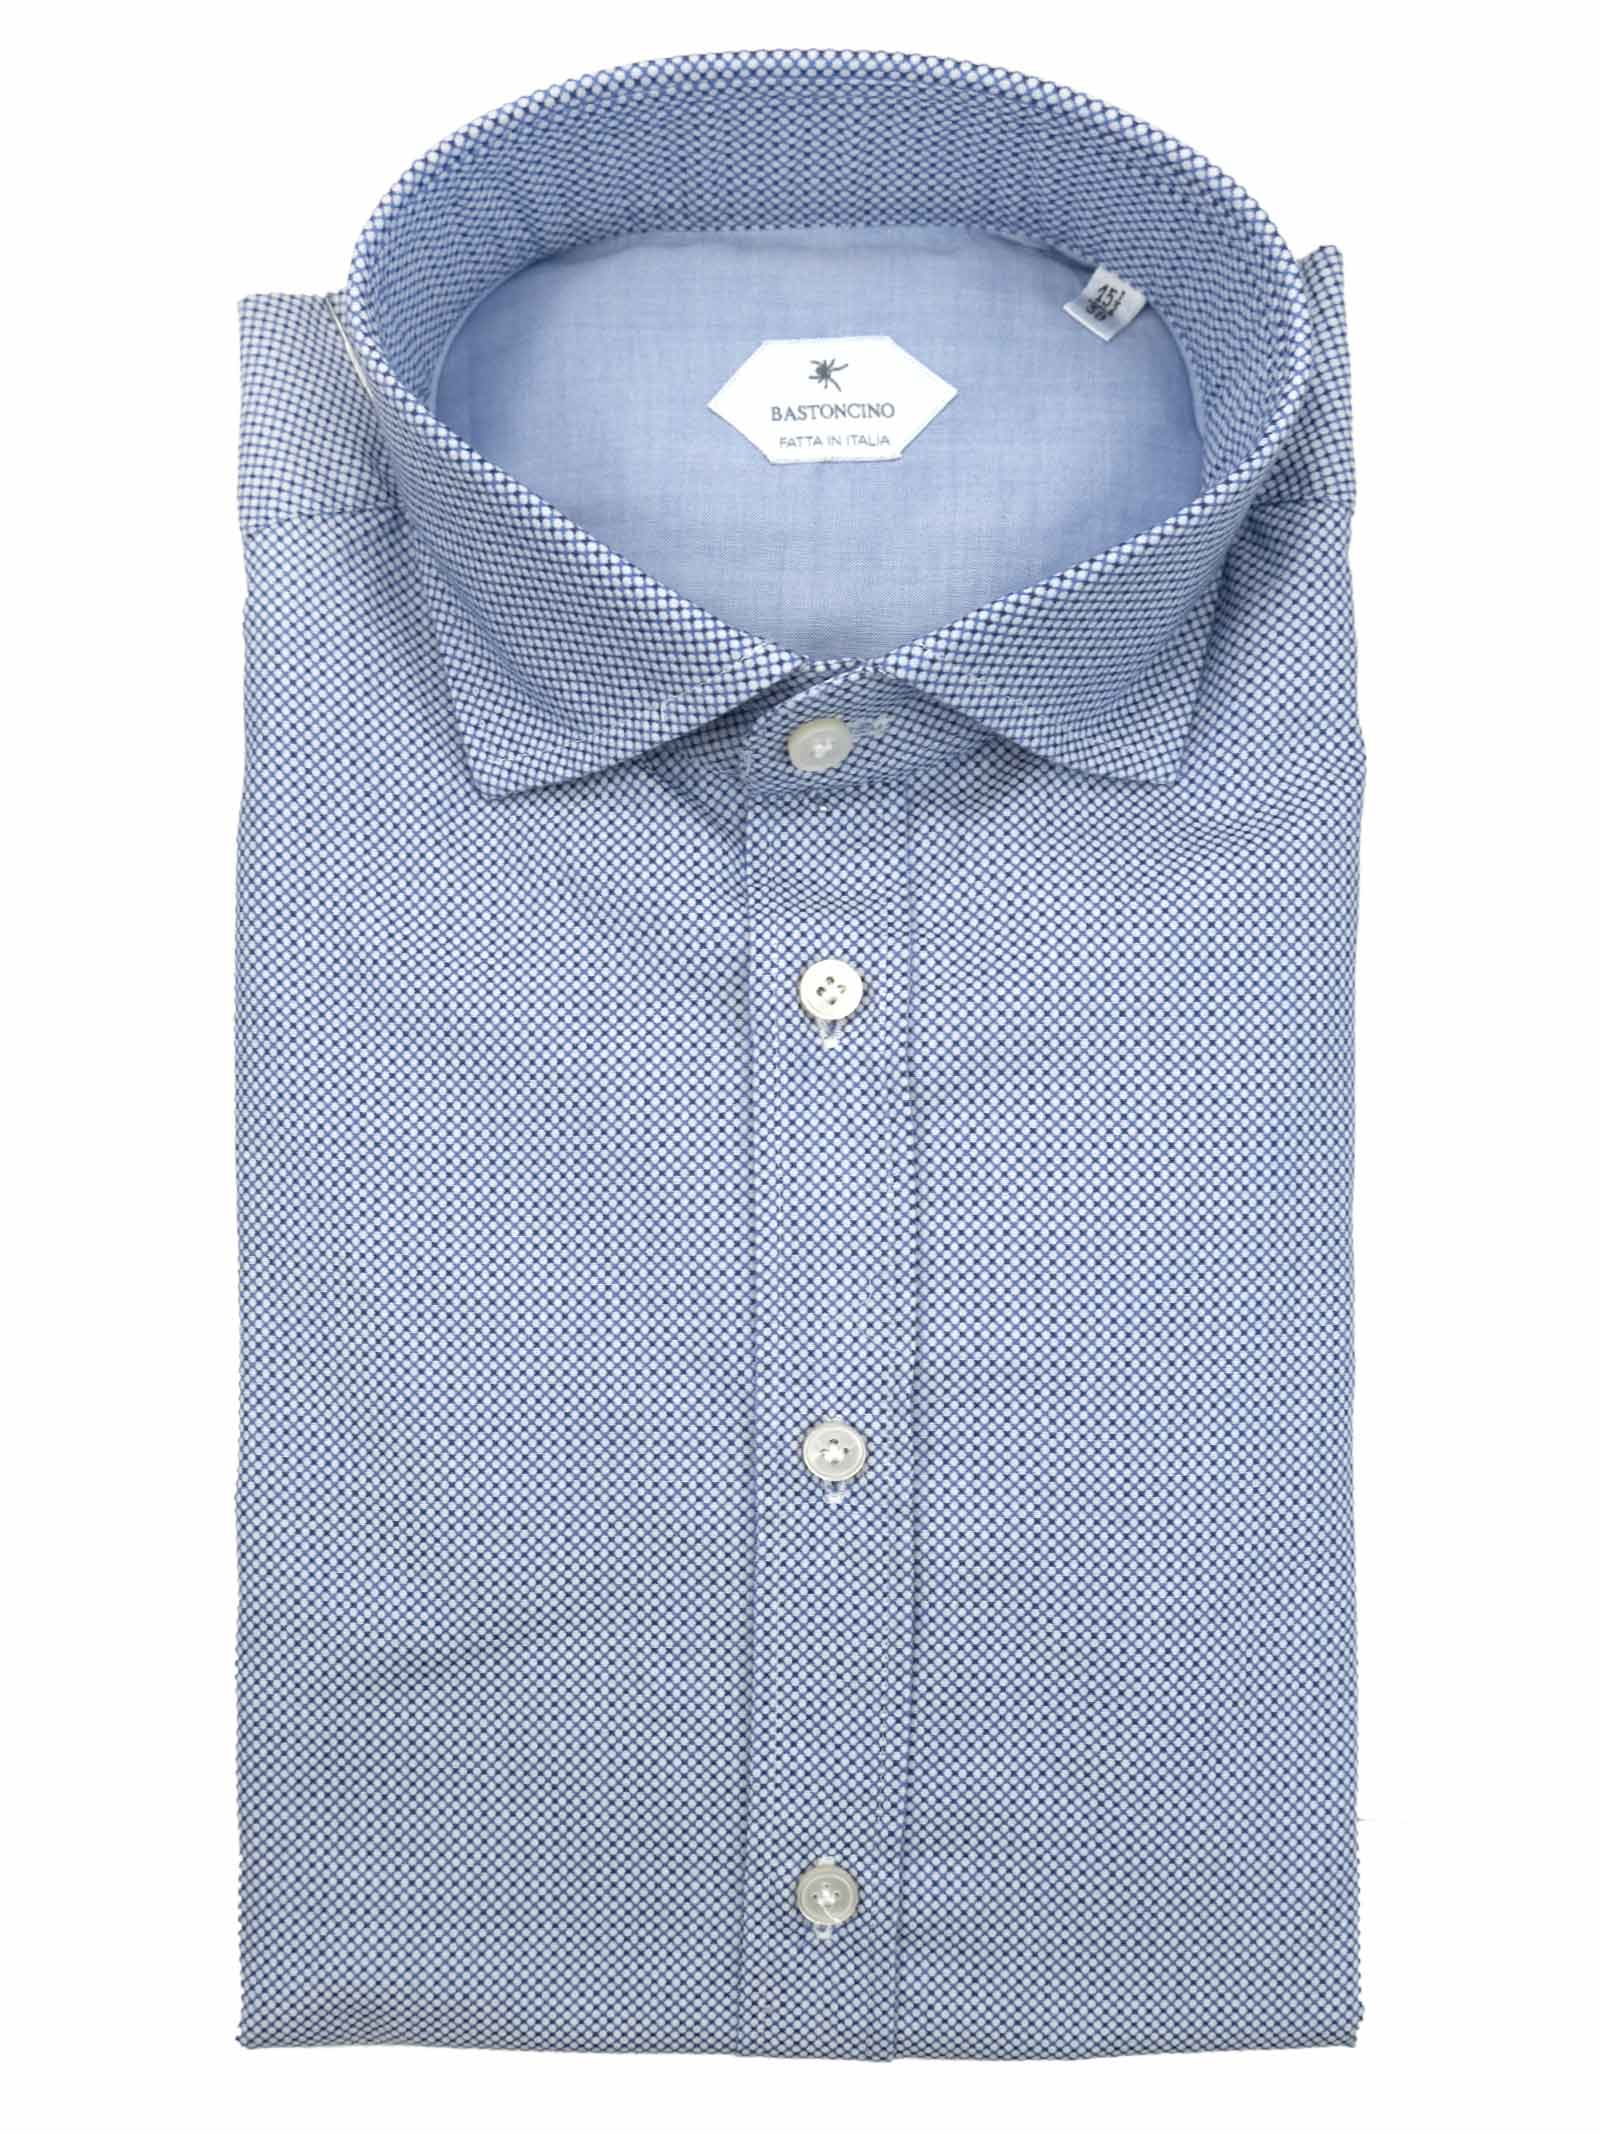 Camicia fantasia vestibilita leggermente slim BASTONCINO | Camicie | SIMOB1965 02